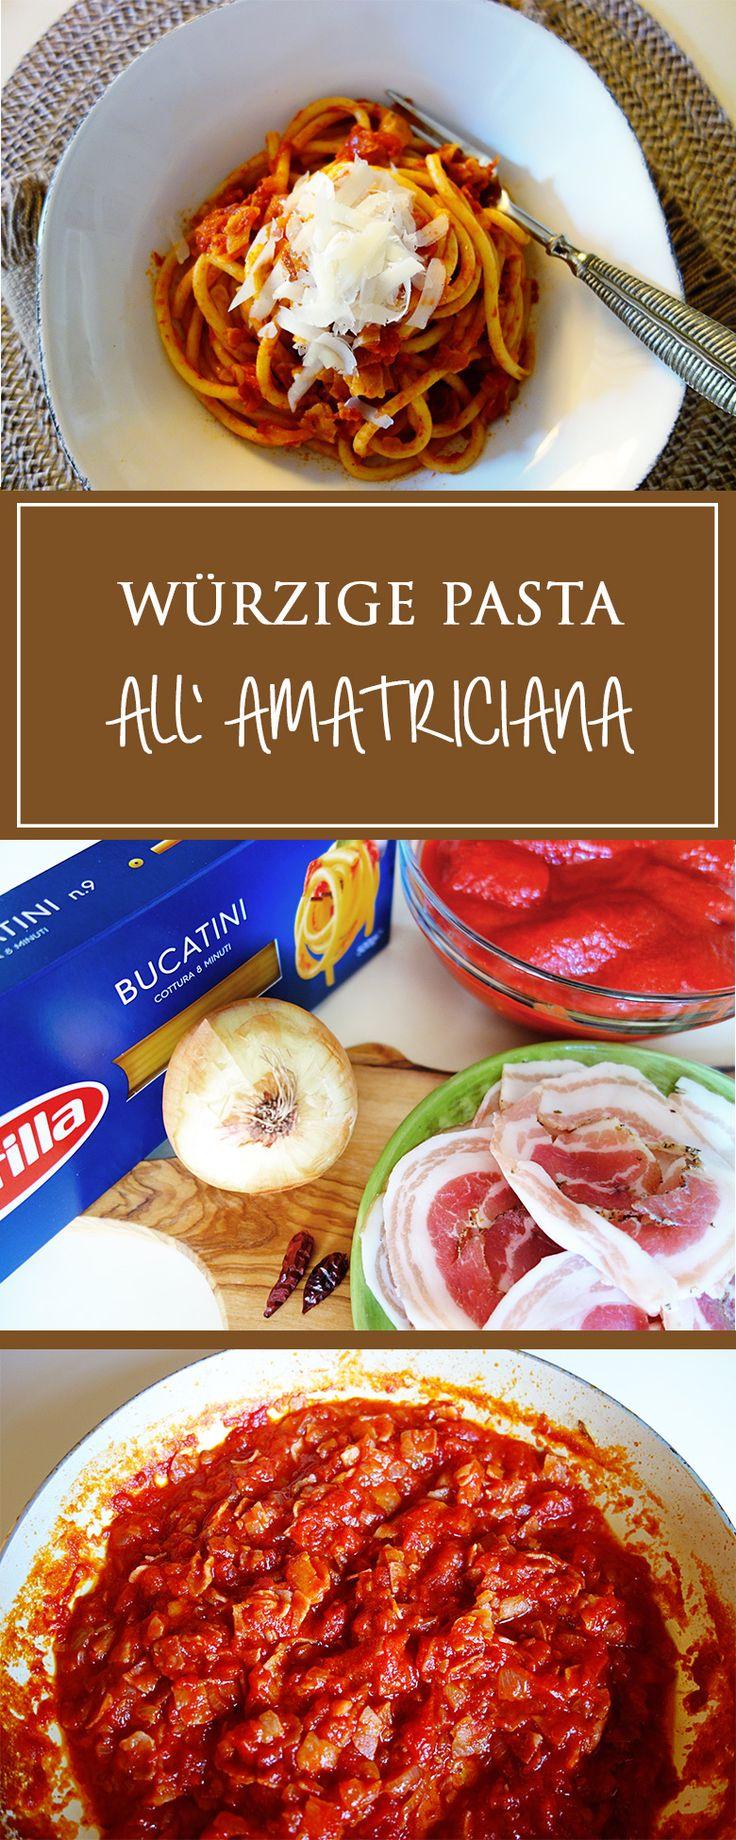 Bucatini all'Amatriciana - Tomaten, Bauchspeck, Zwiebel, etwas Chili & Olivenöl - es braucht nicht viele Zutaten für diese leckere italienische Pastasauce! Fertig in weniger als 30 Minuten! ❤️ | cucina-con-amore.de